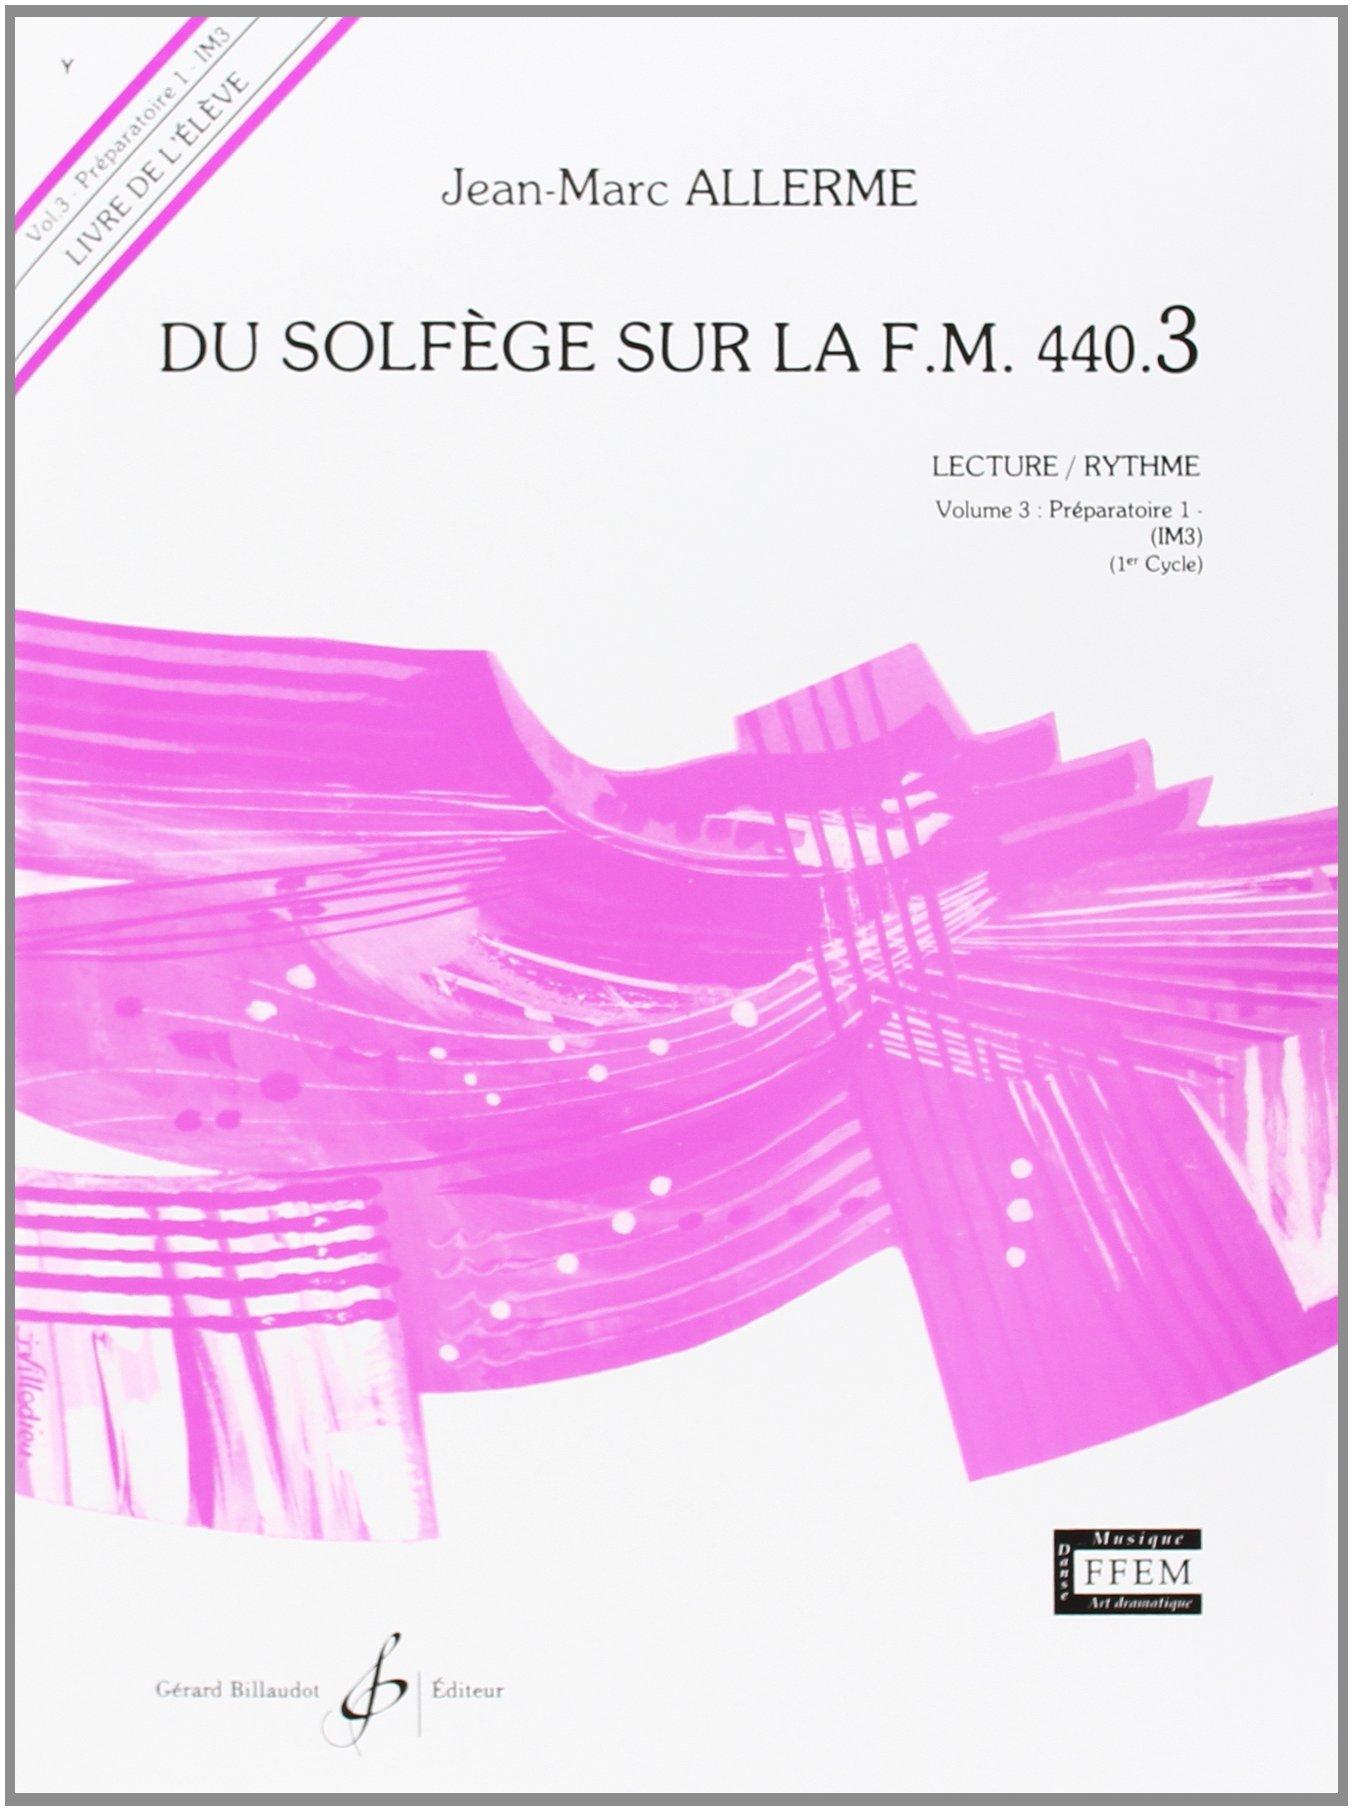 Du Solfege Sur la F.M. 440.3 - Lecture/Rythme - Eleve Taschenbuch – 30. April 2010 Allerme Jean-Marc Billaudot B003JYOTME